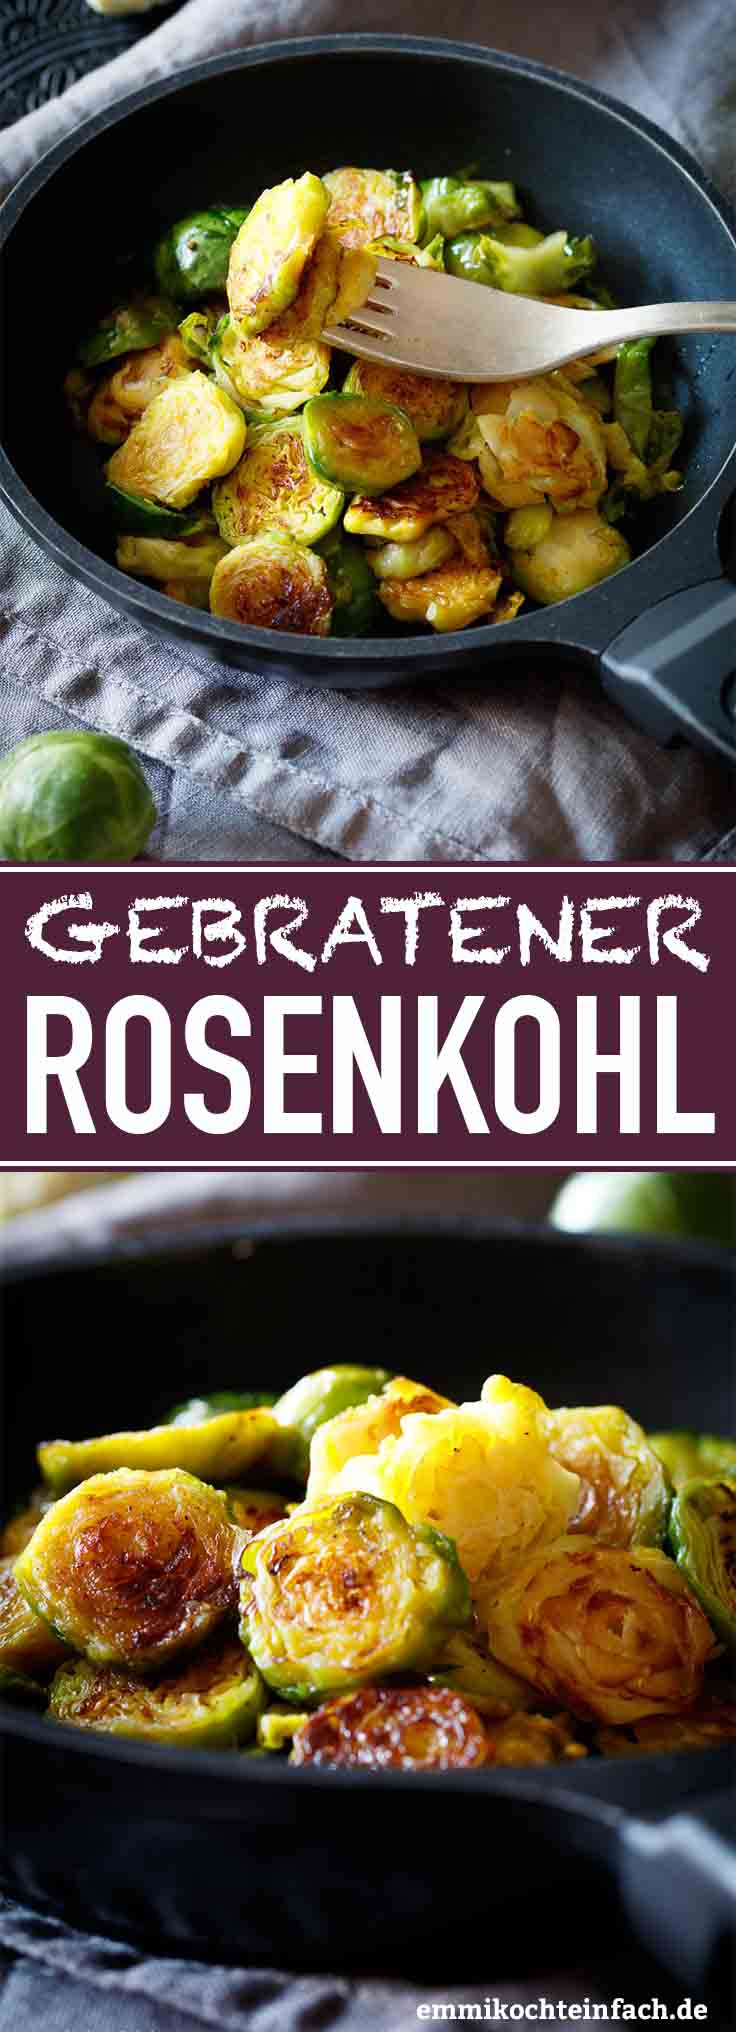 Gebratener Rosenkohl - www.emmikochteinfach.de